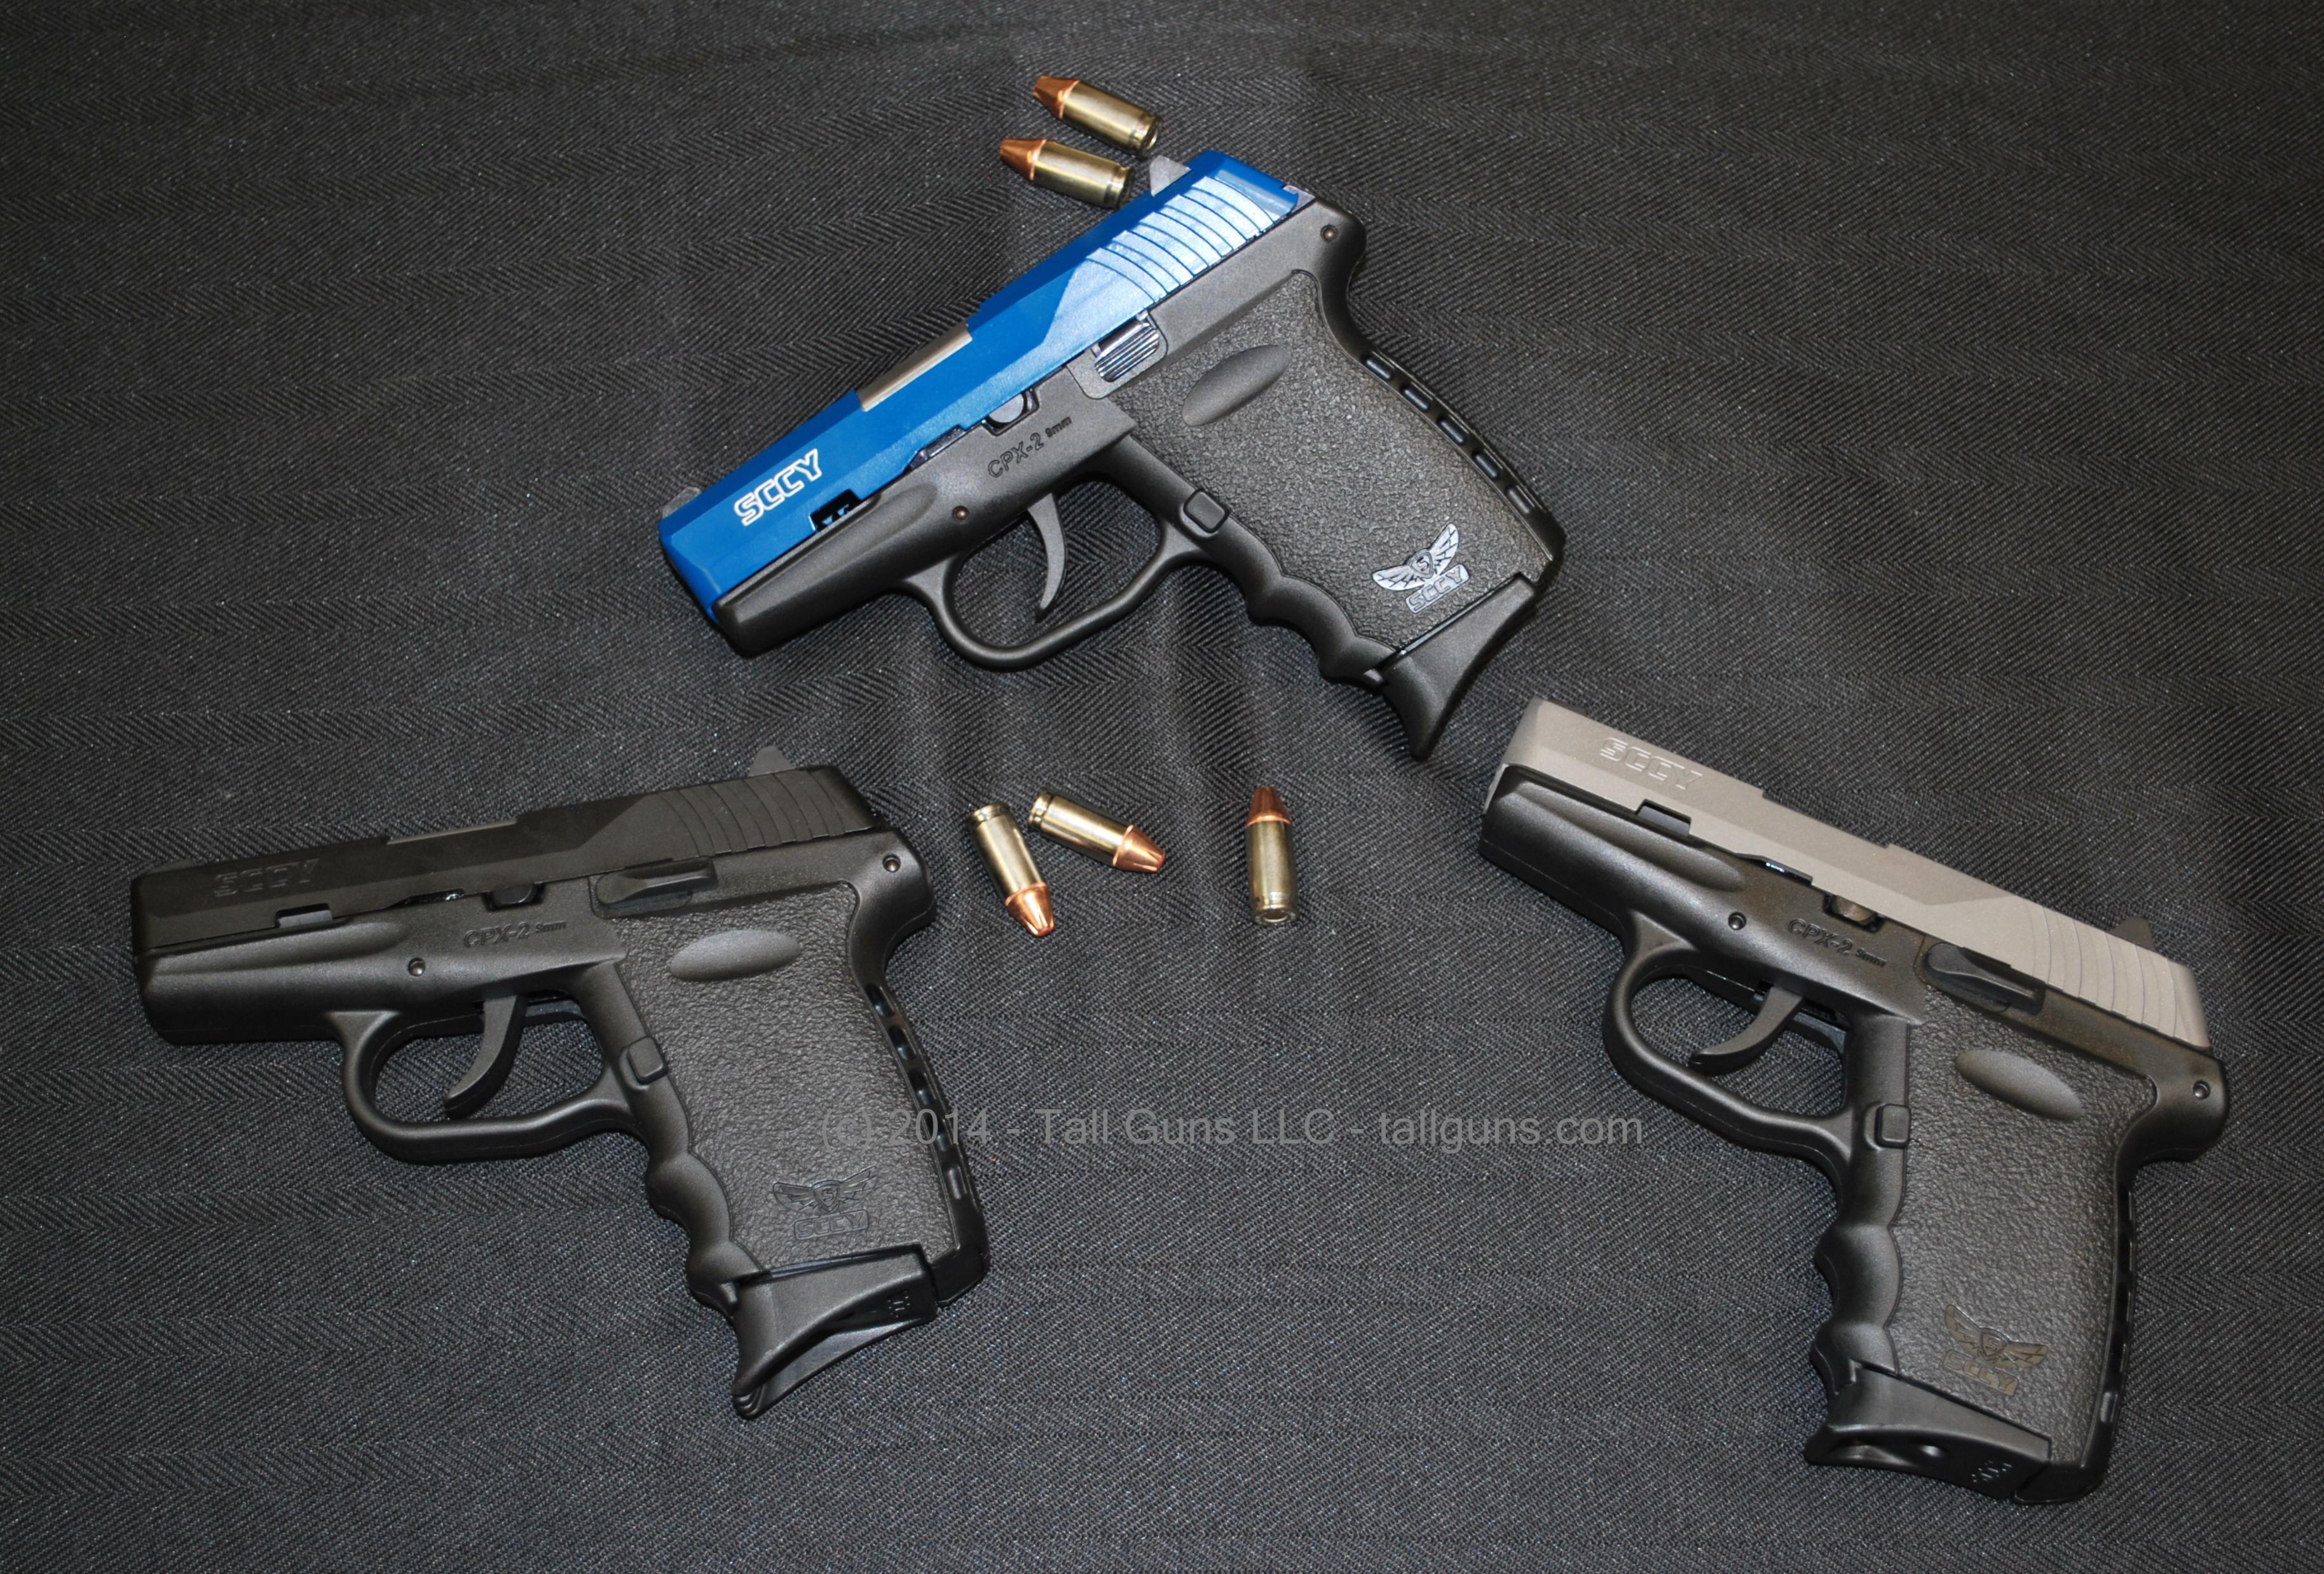 Gunsmith Services Offered By Tall Guns Llc Loveland Colorado